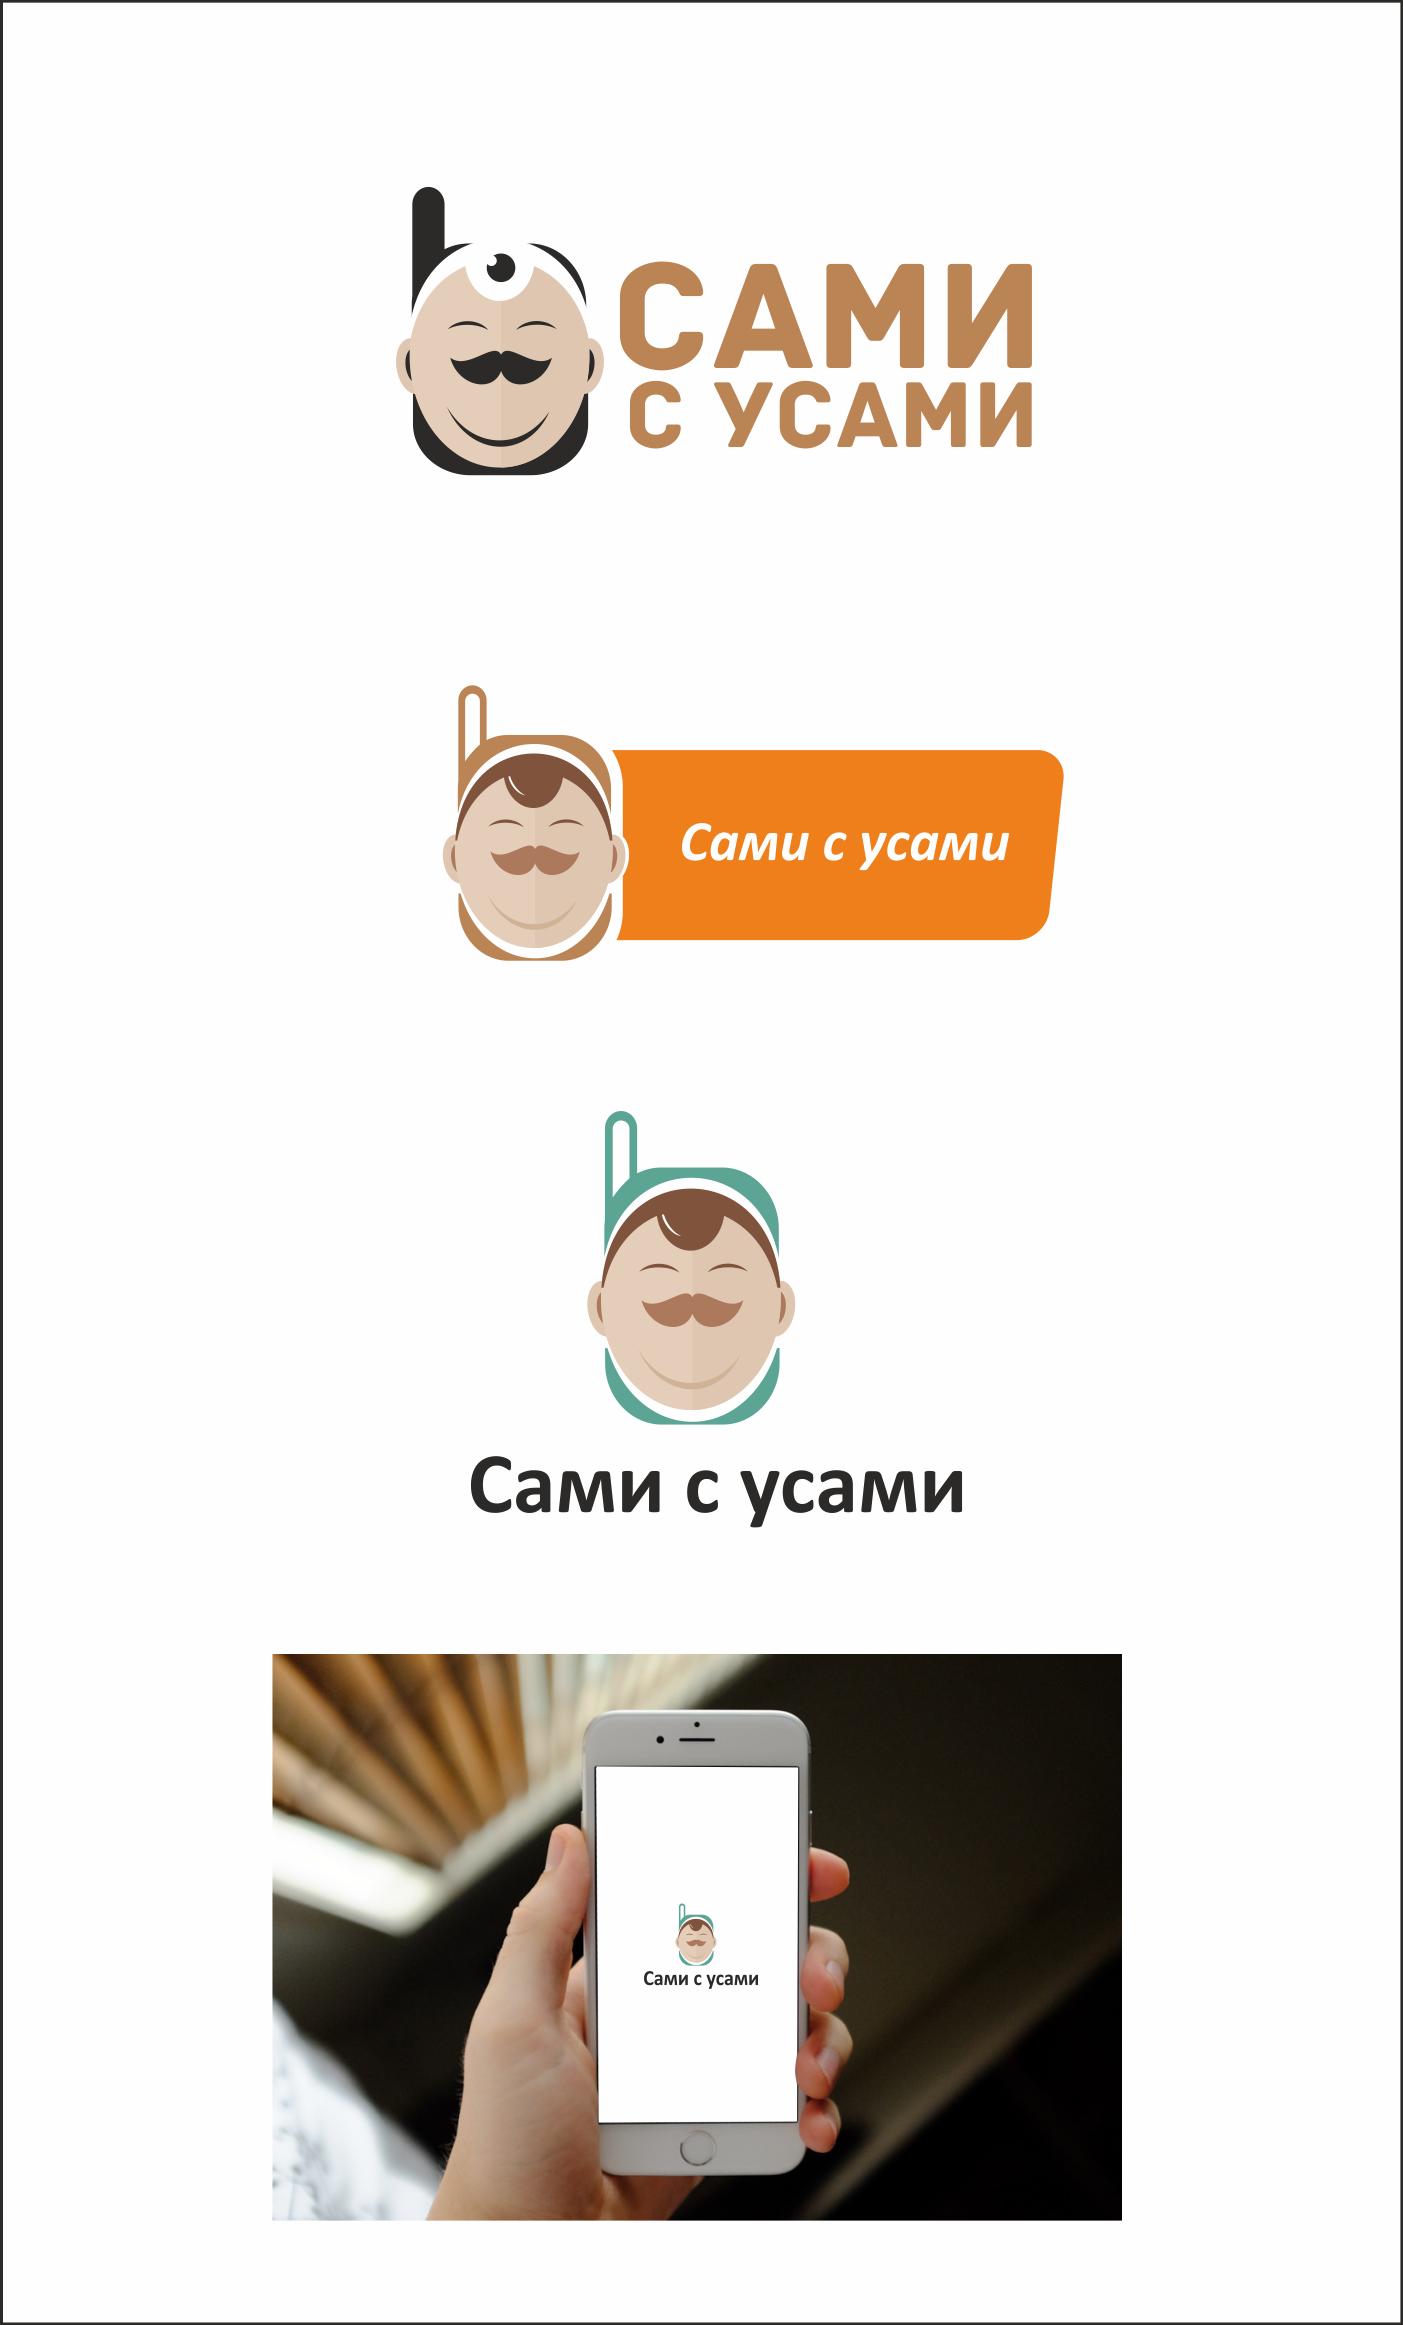 Разработка Логотипа 6 000 руб. фото f_95058f5e45cb77eb.png